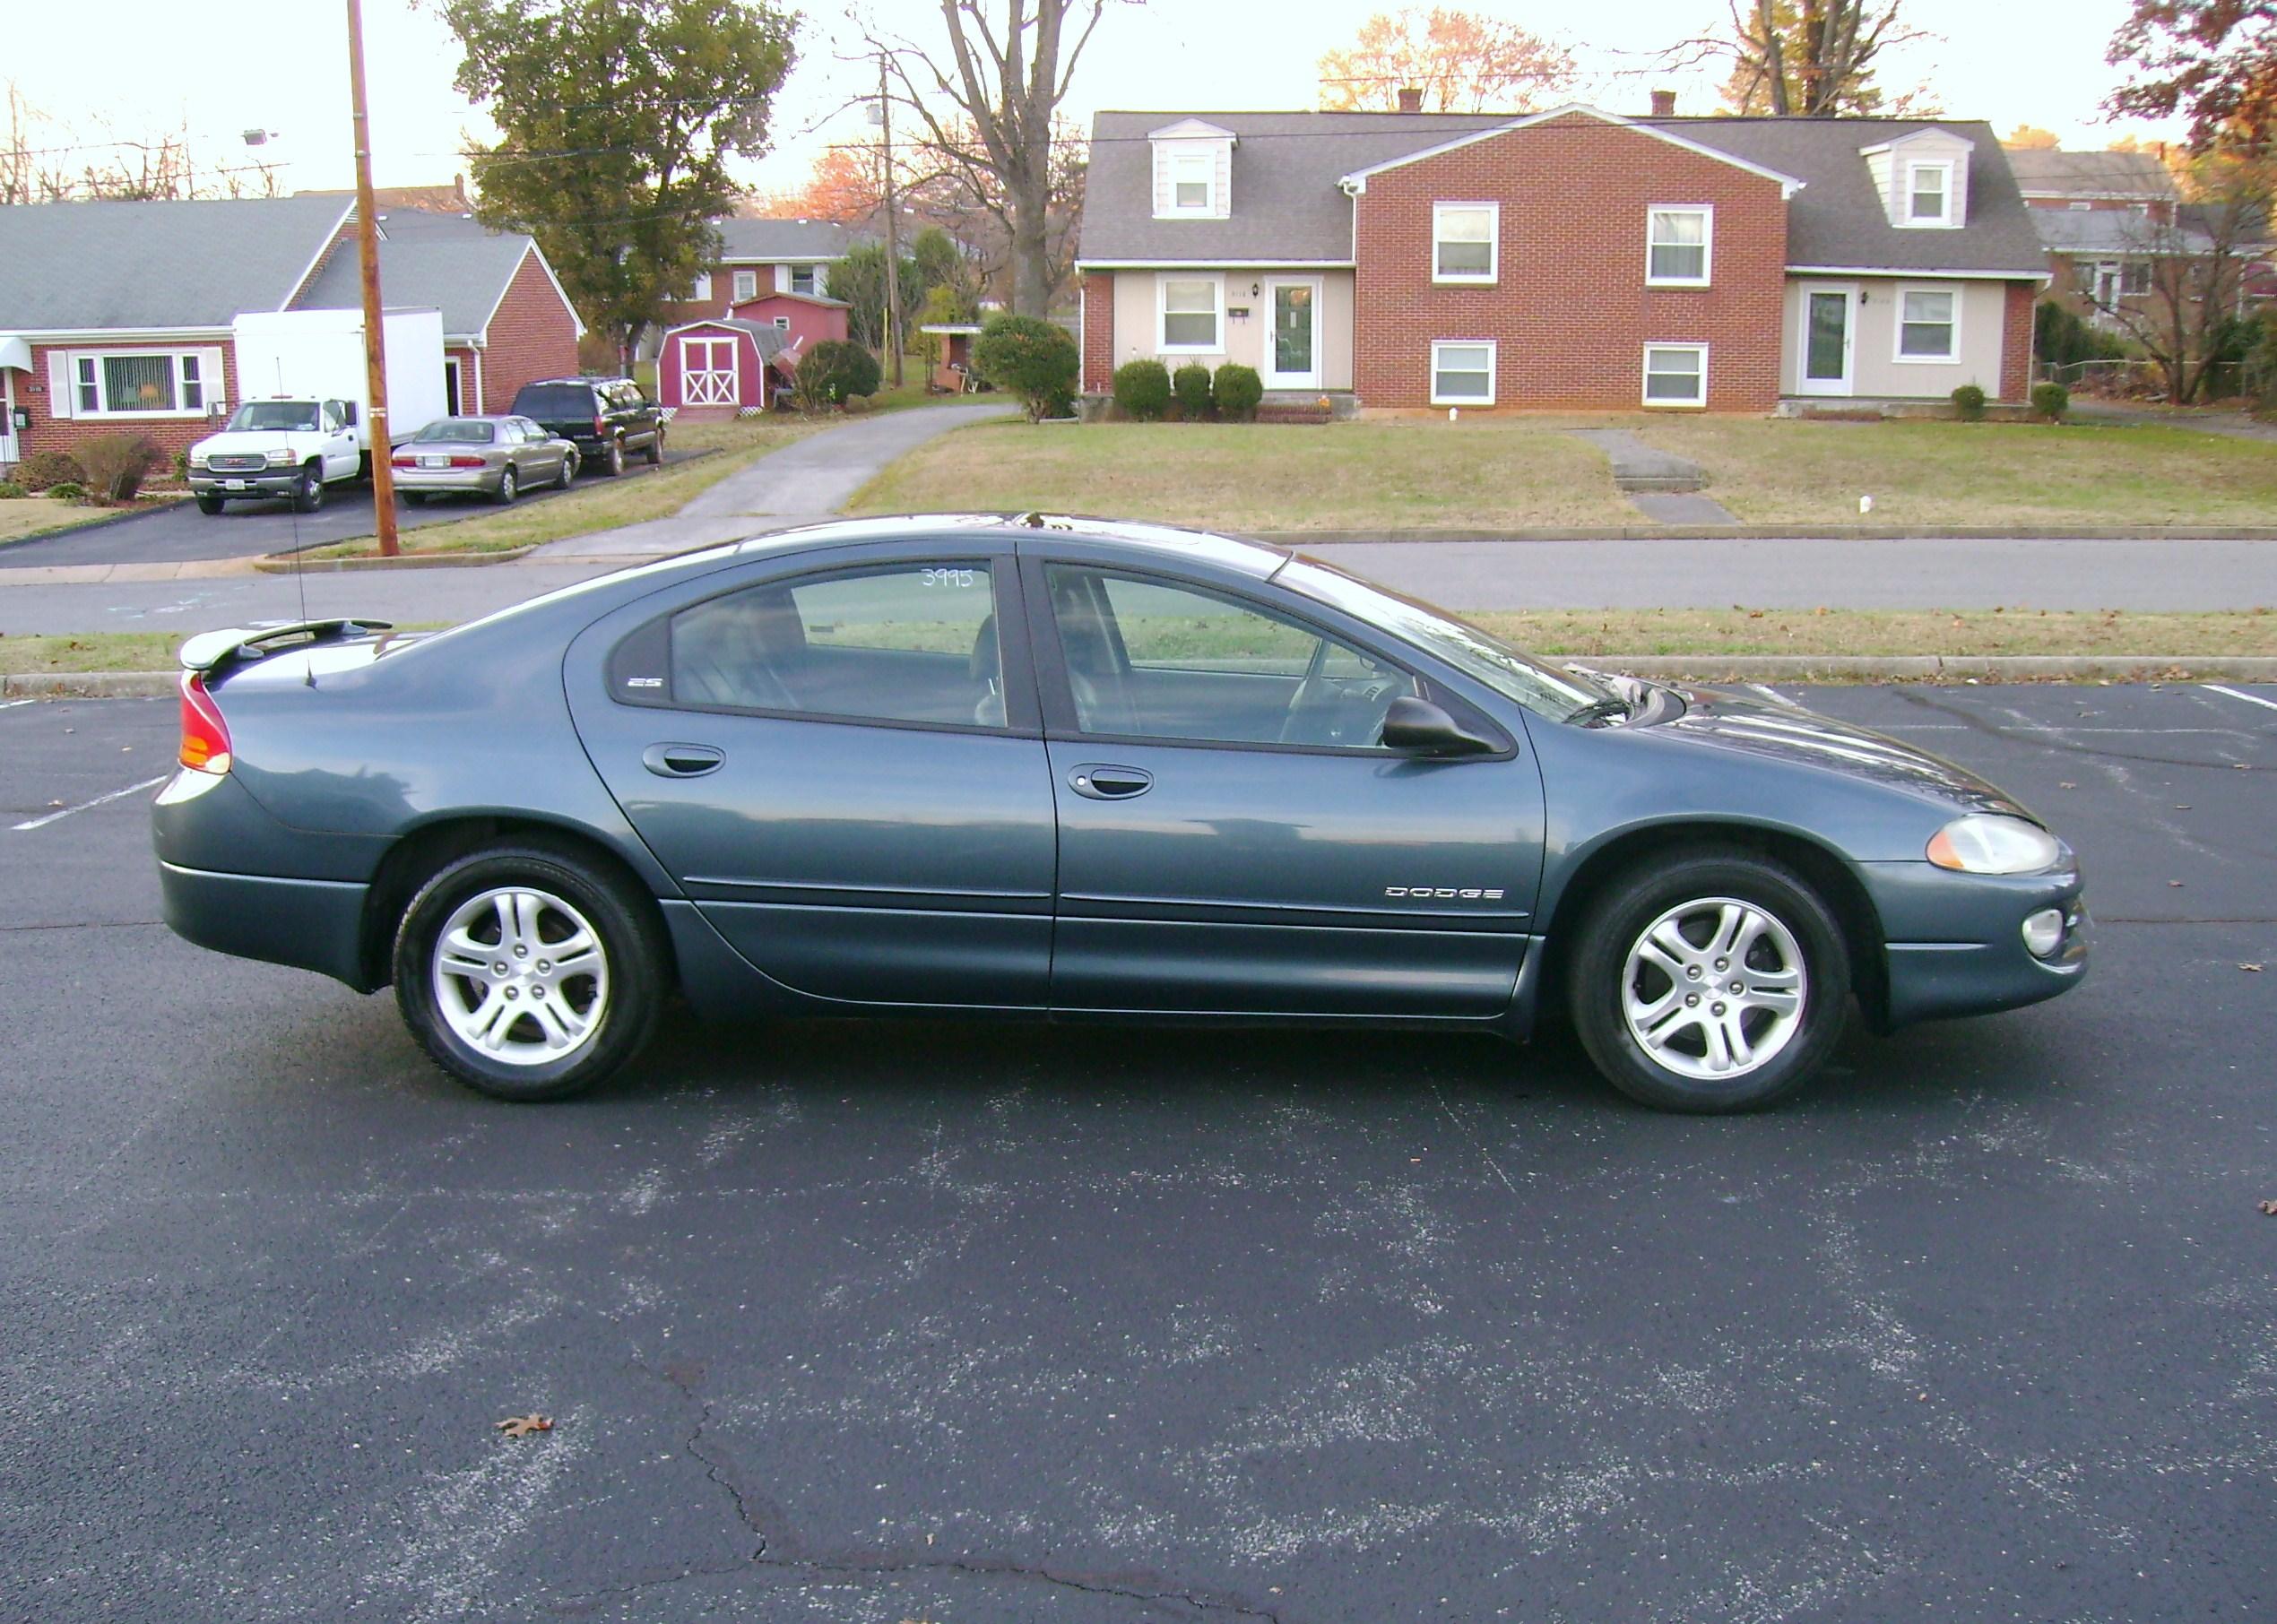 2000 Dodge Intrepid 004 2000 Dodge Intrepid 004